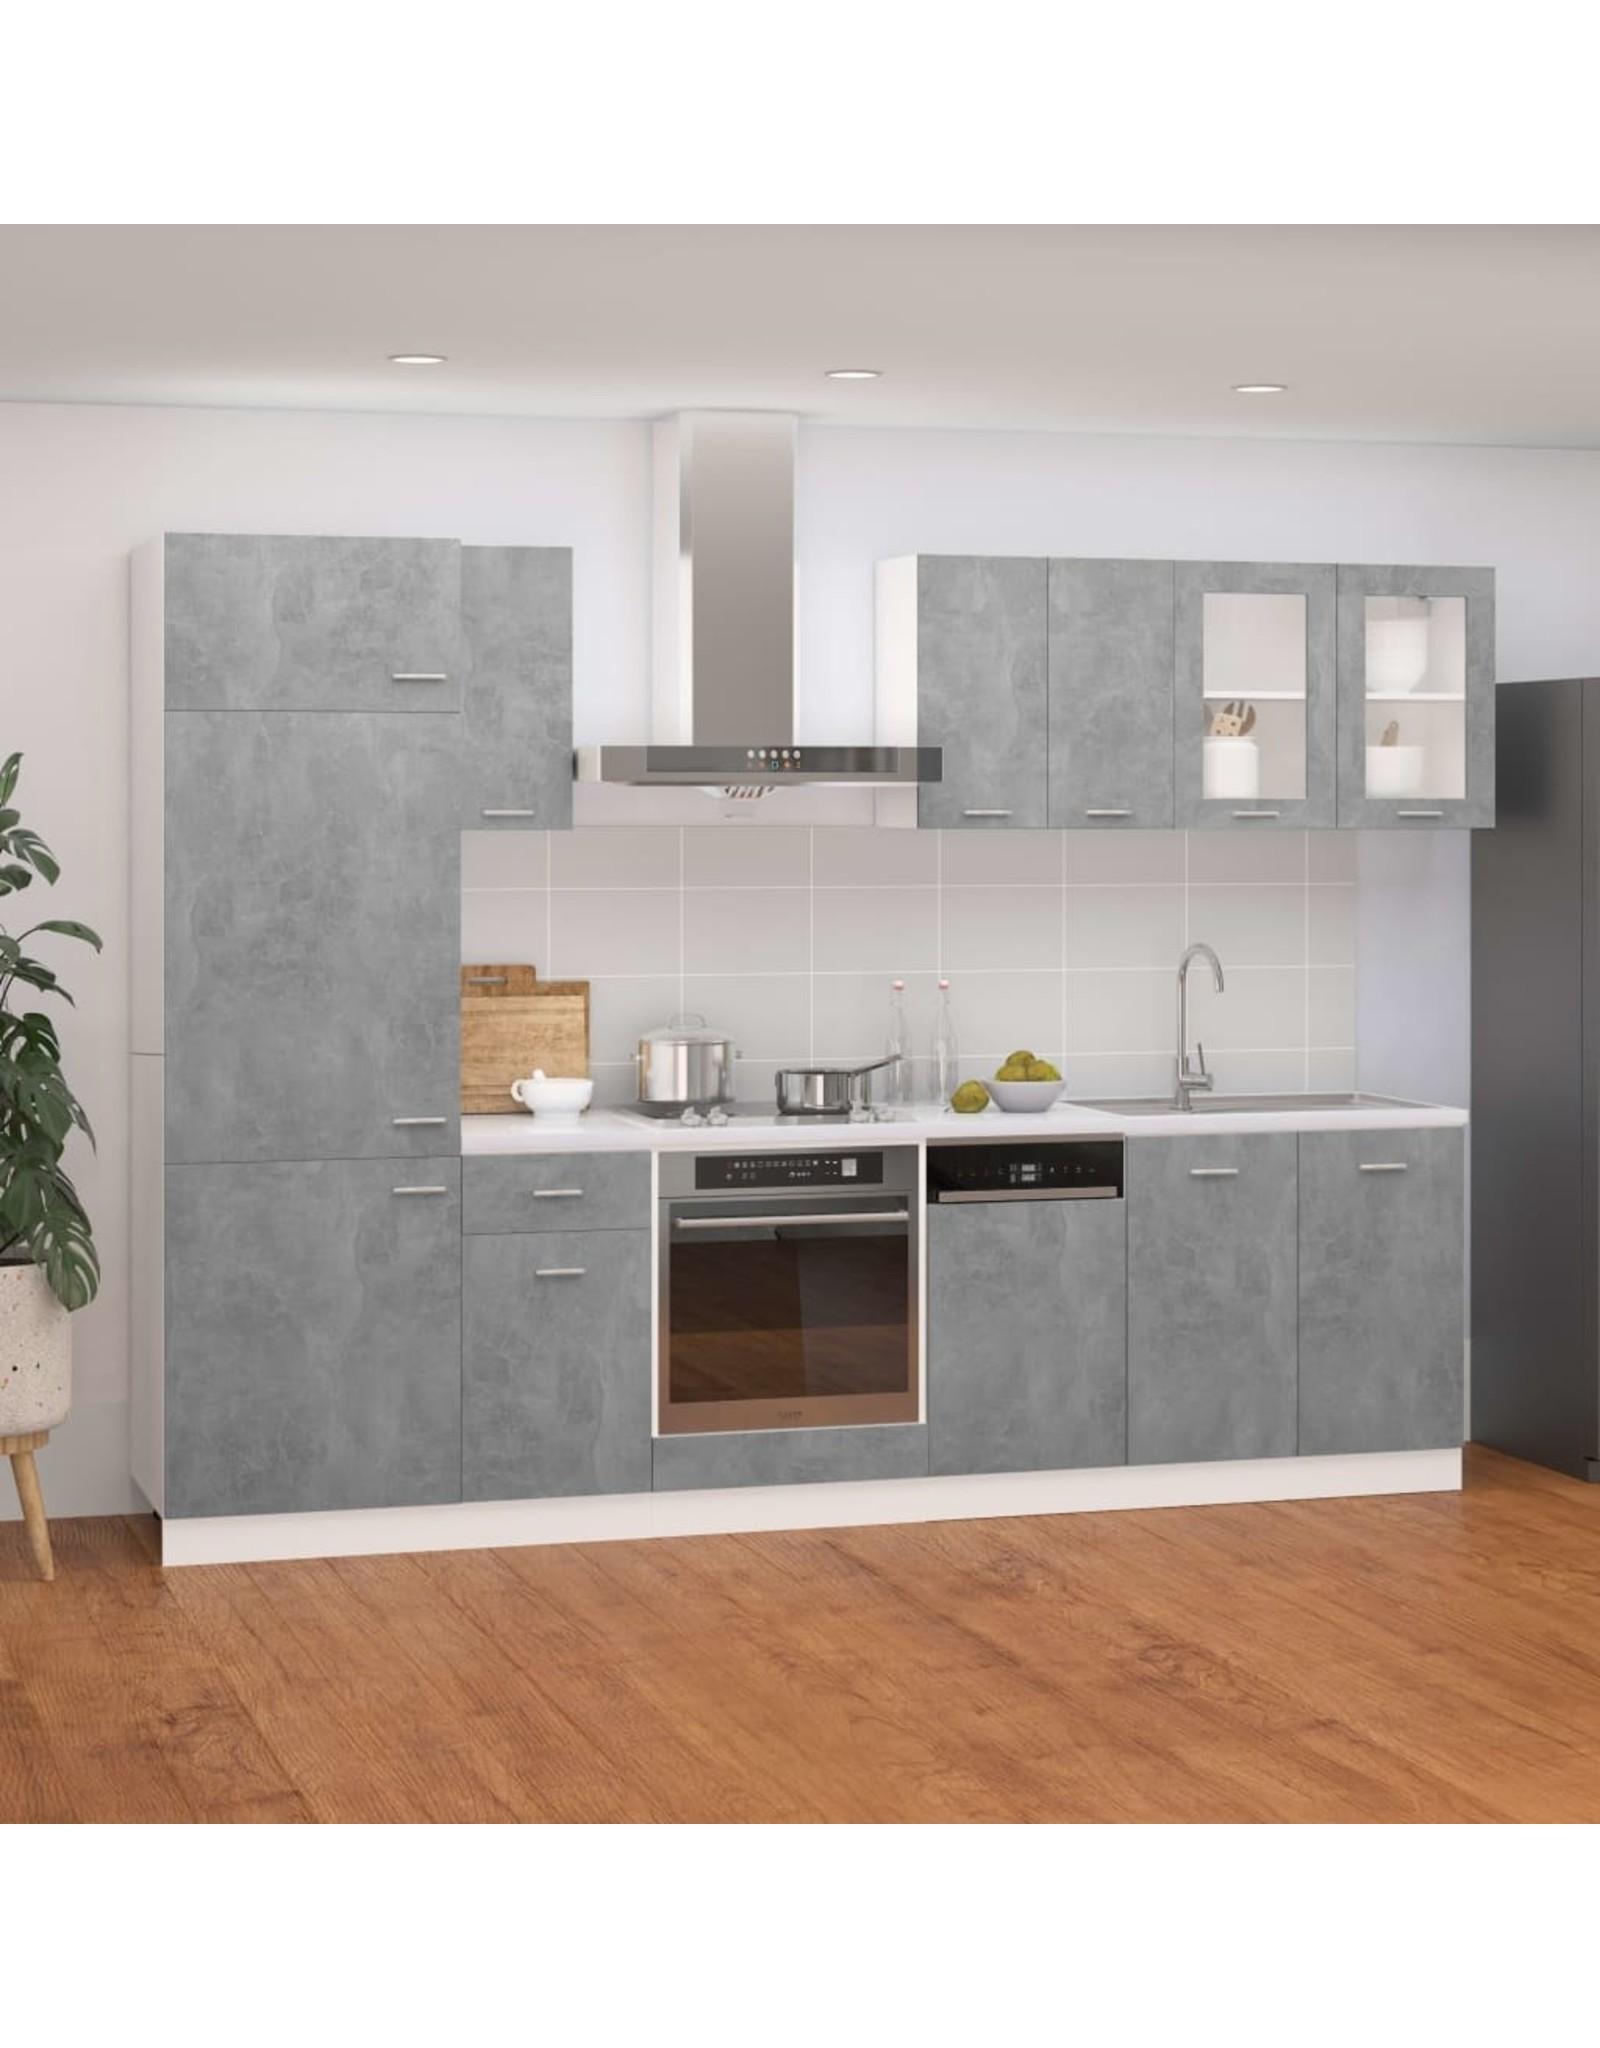 8-delige Keukenkastenset spaanplaat betongrijs